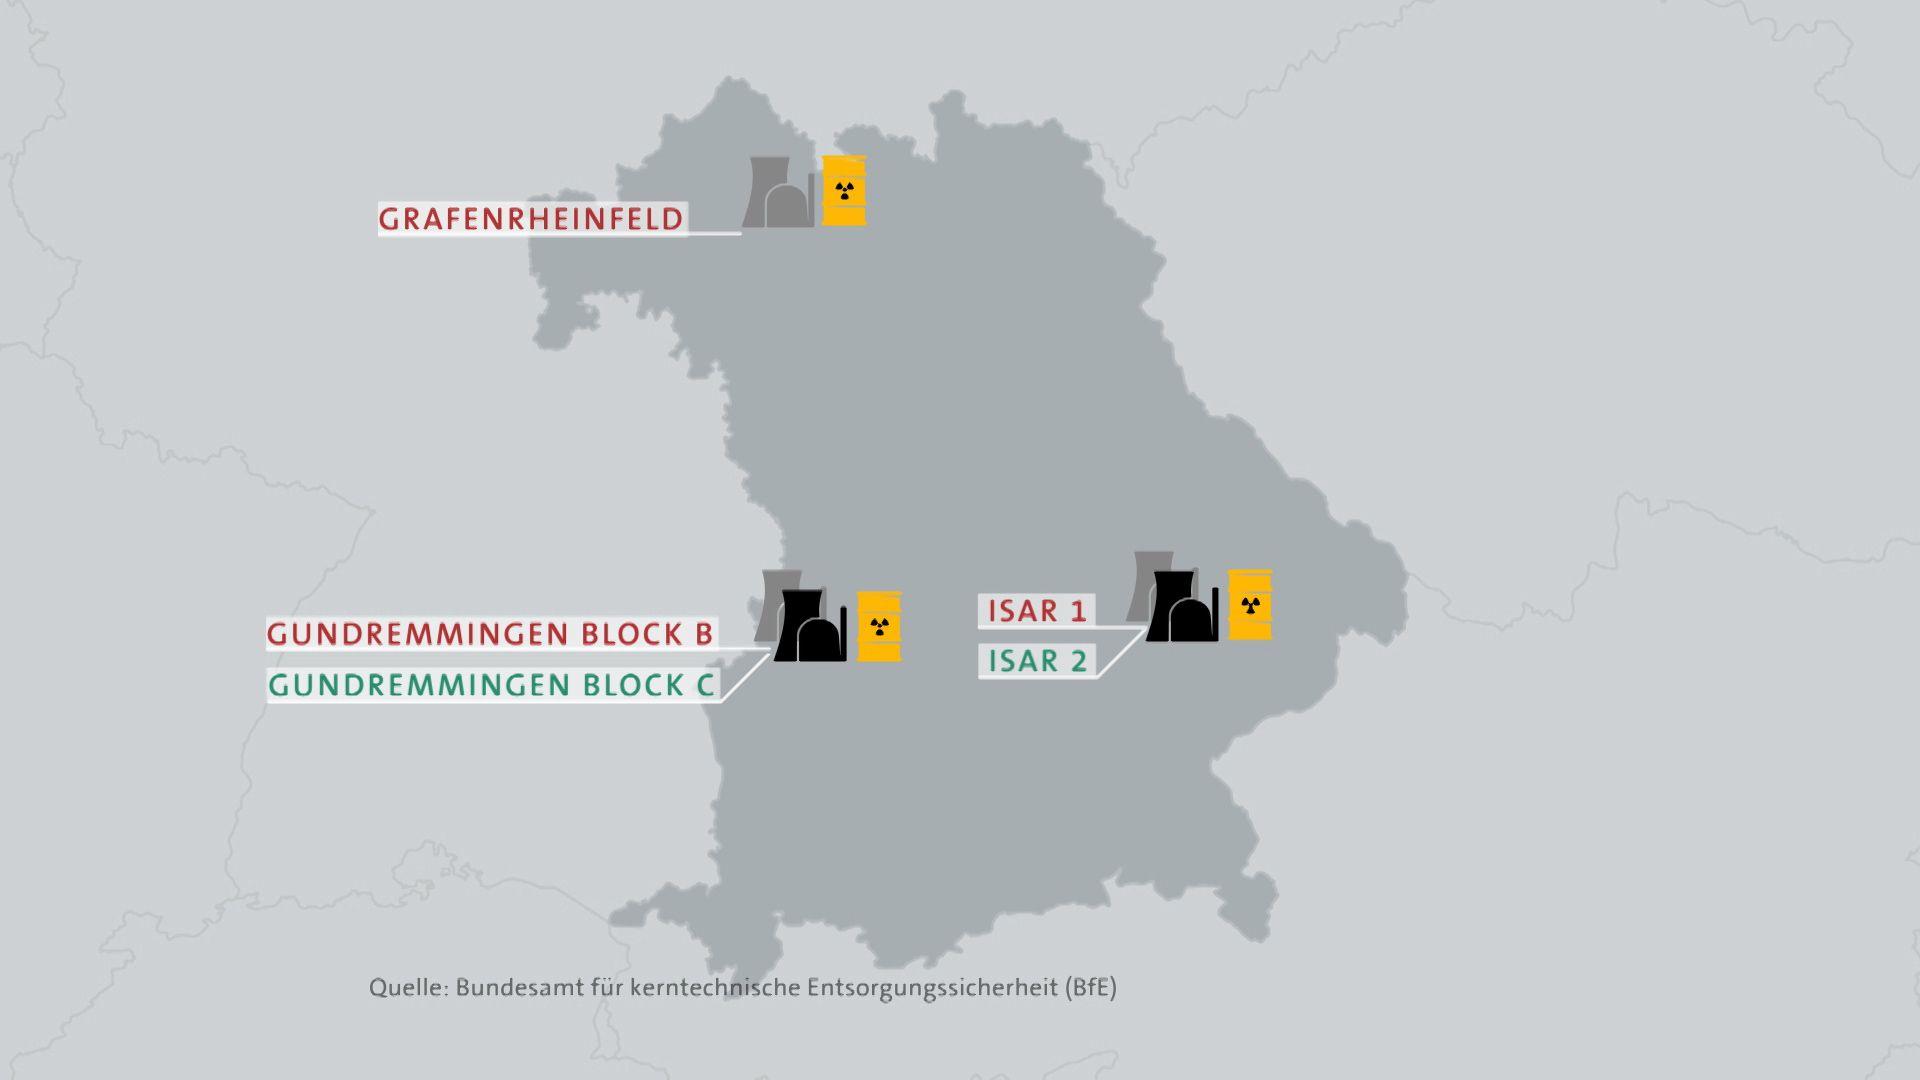 Zwei Kernkraftwerke produzieren Strom (grün). Drei Werke sind abgeschaltet (rot). An den Orten befinden sich auch Zwischenlager (gelbe Fässer).